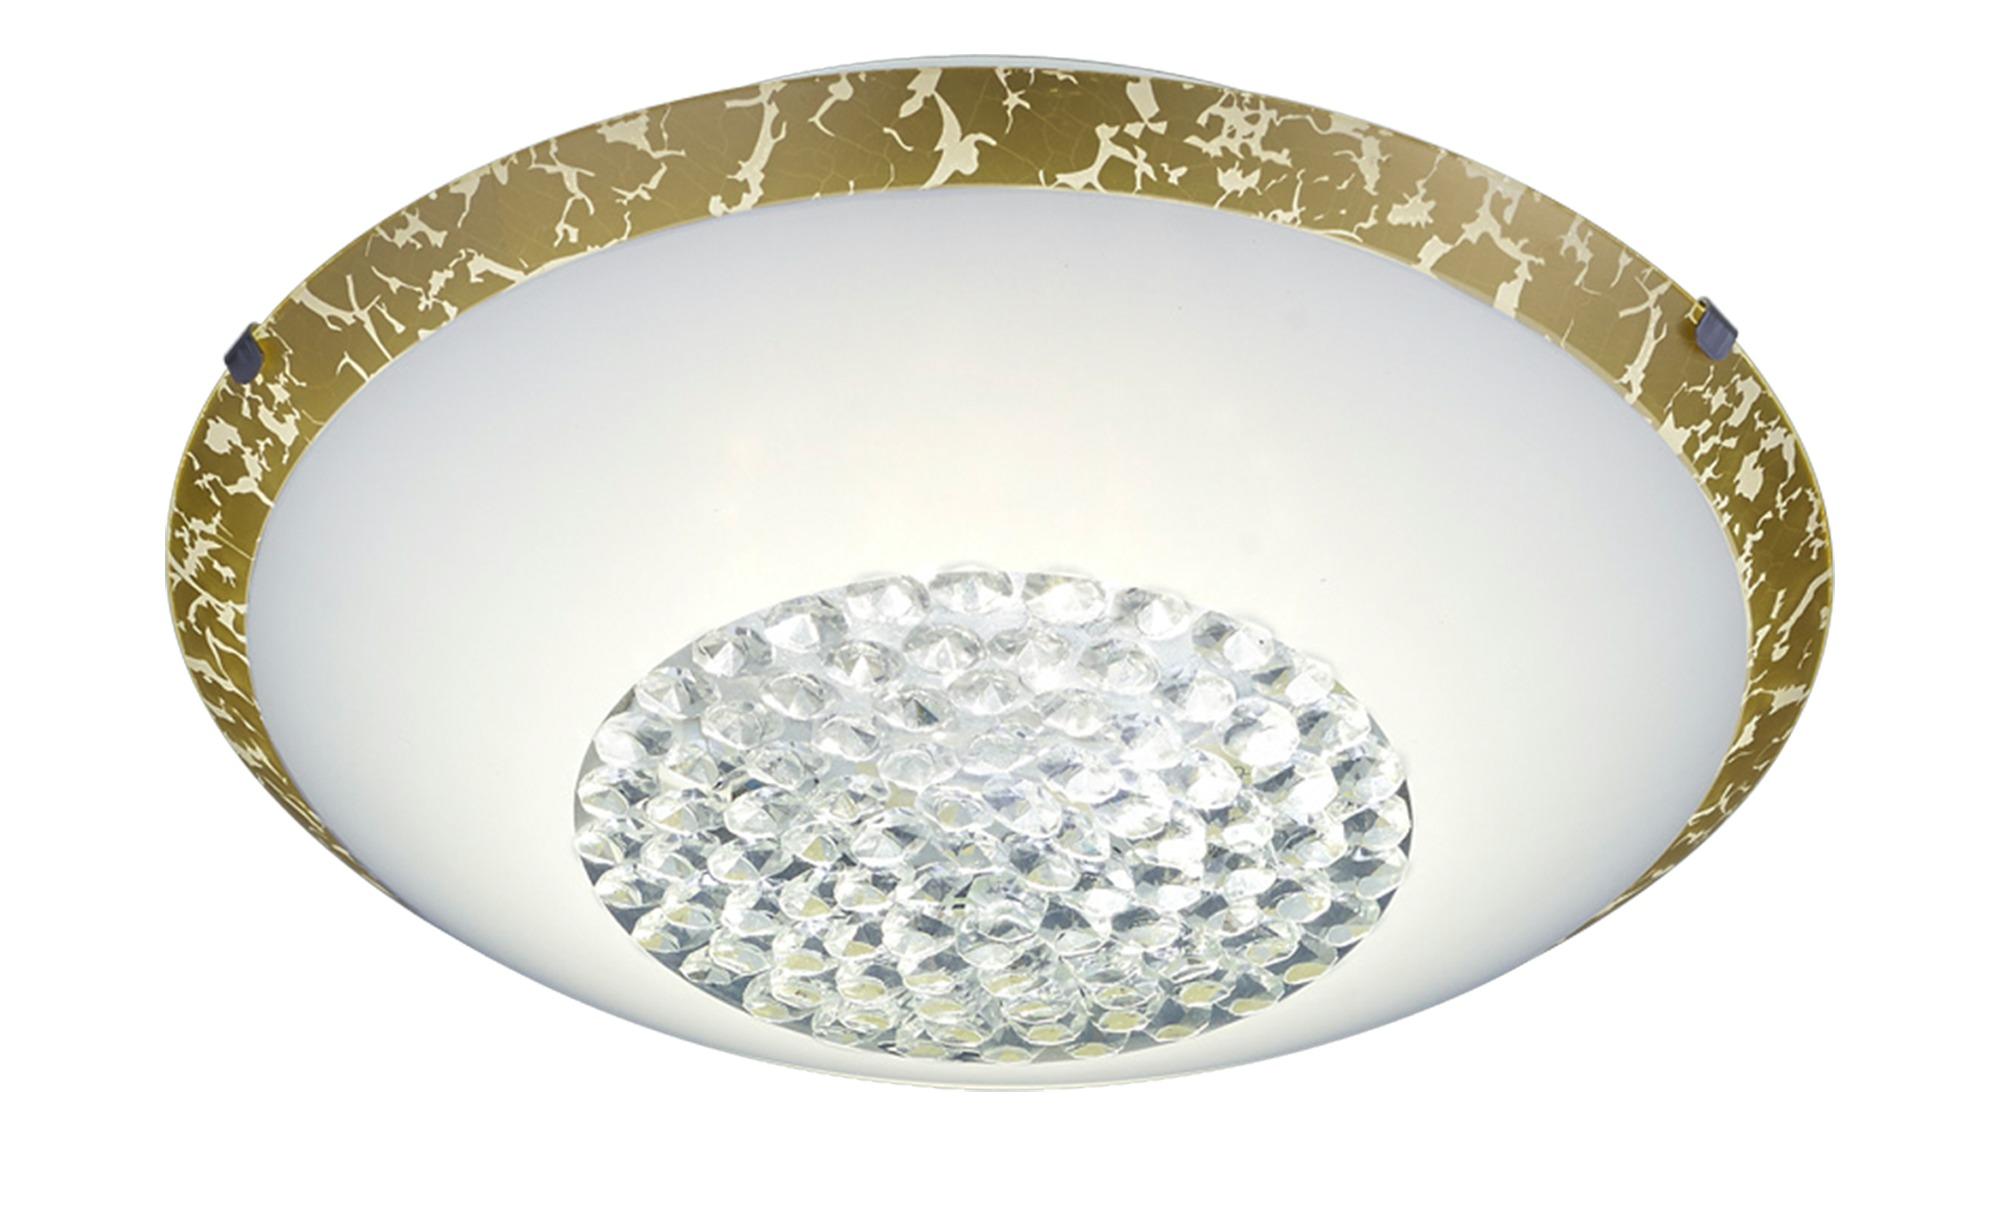 LED-Deckenlampe mit aufwendigem Lampenschirm von Trio